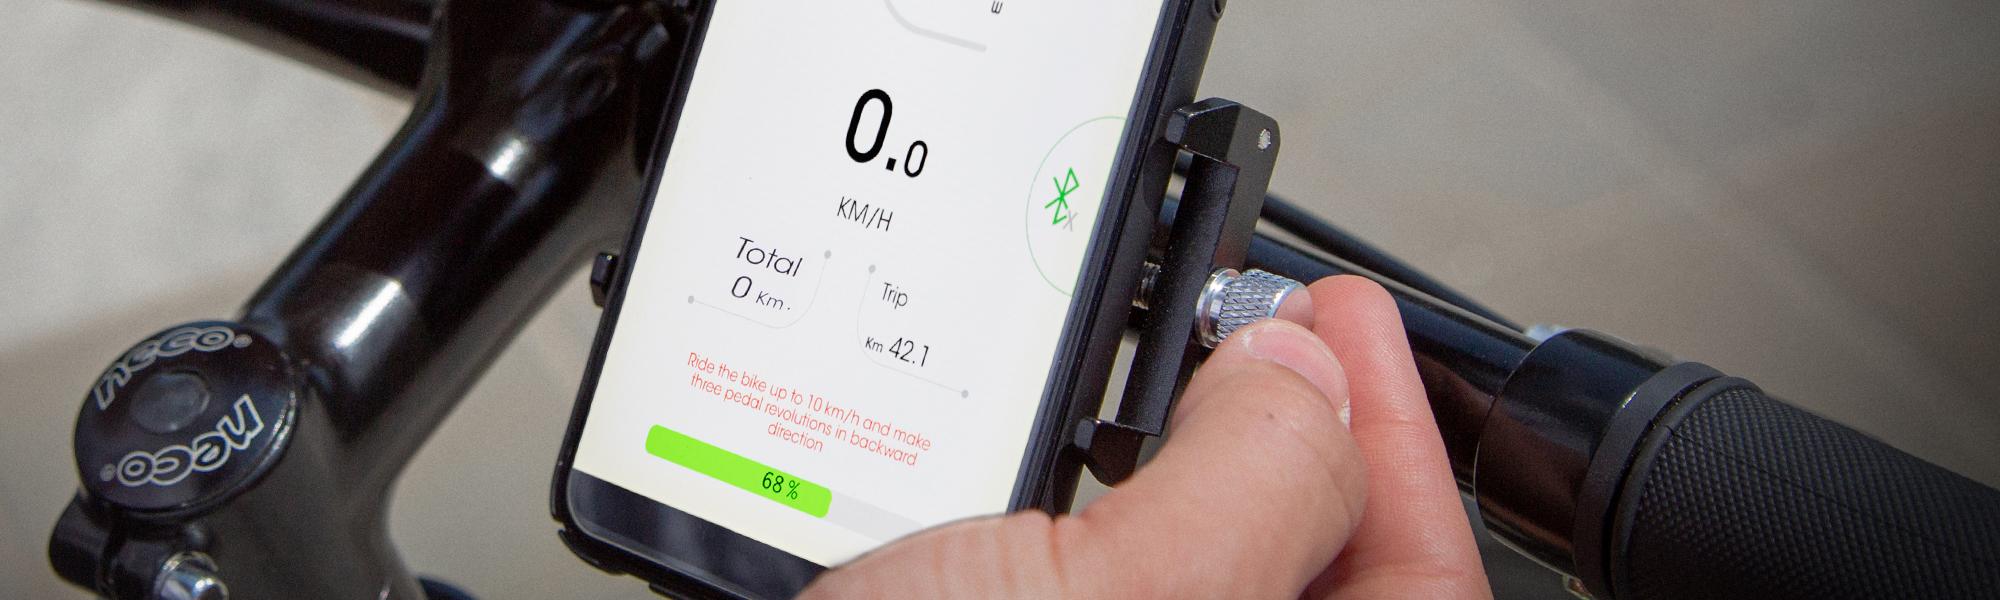 Lo smartphone è fissato alla bici elettrica OLYMPUS con un sicuro supporto in dotazione.